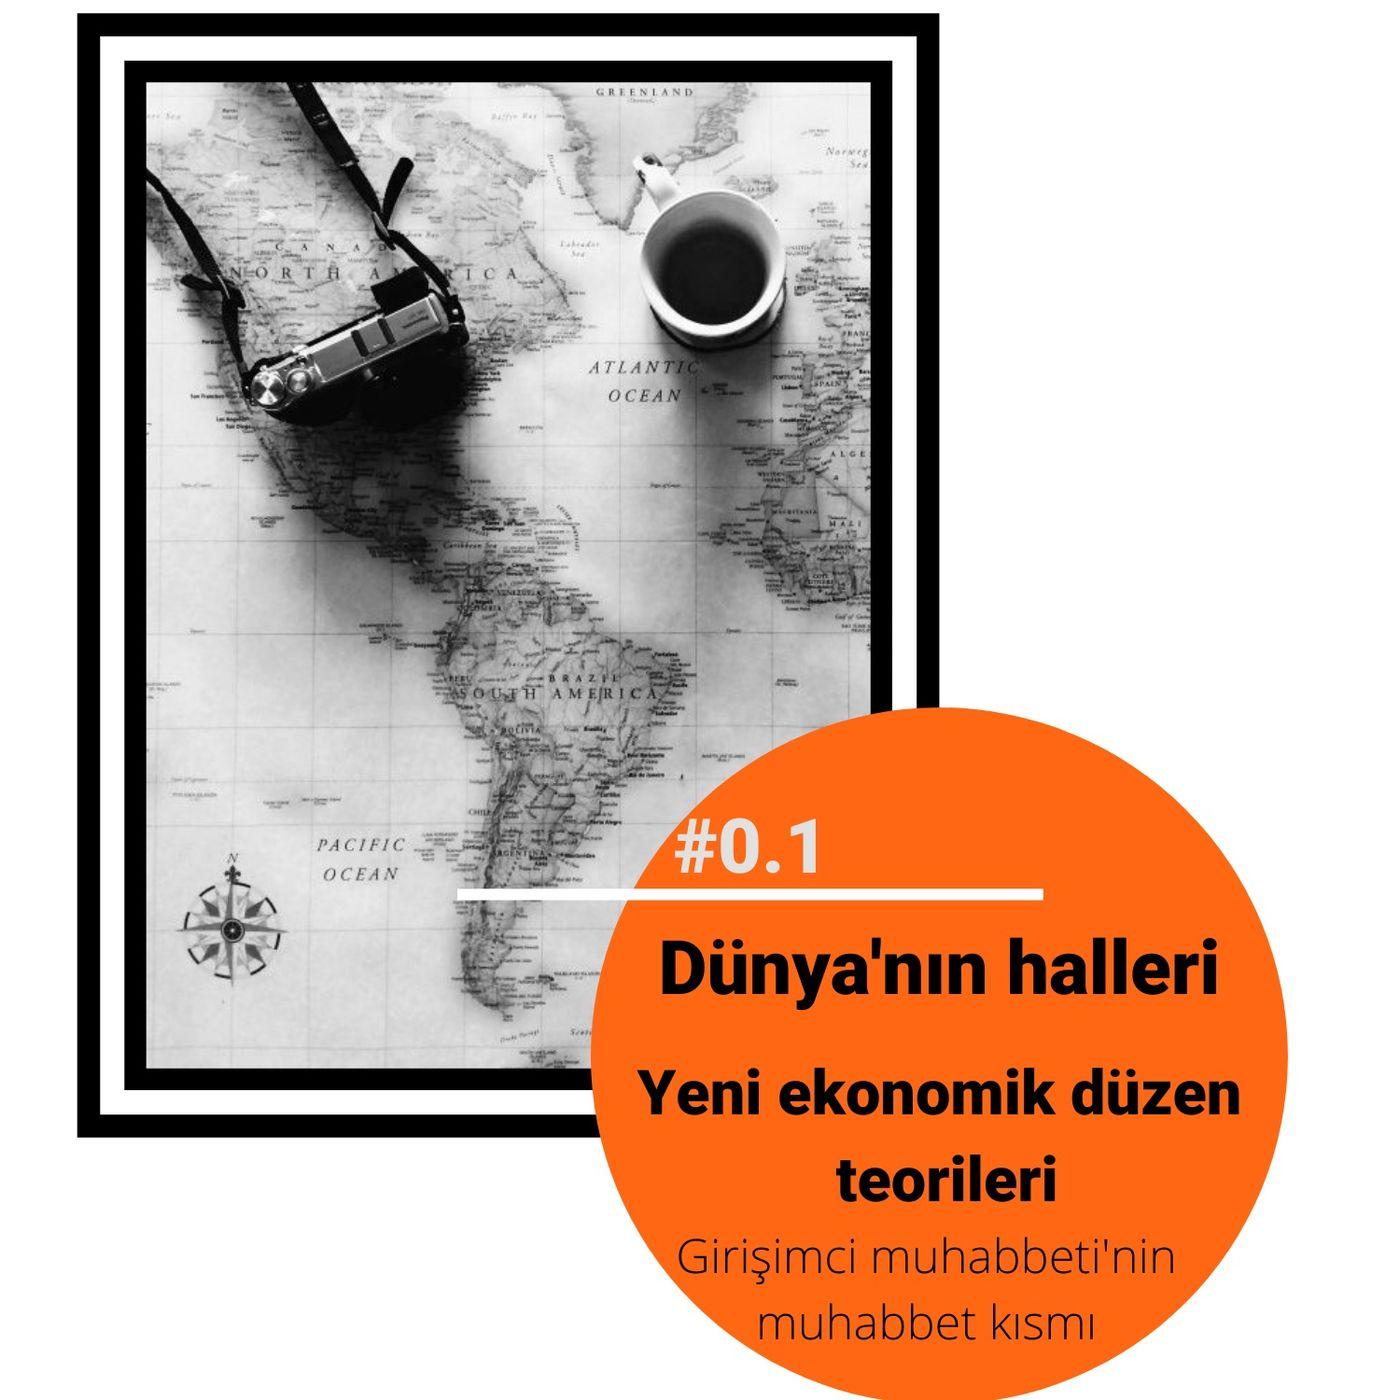 #0.1 Dünya'nın halleri, yeni ekonomik düzen teorileri (Girişimci Muhabbeti'nin muhabbet kısmı)